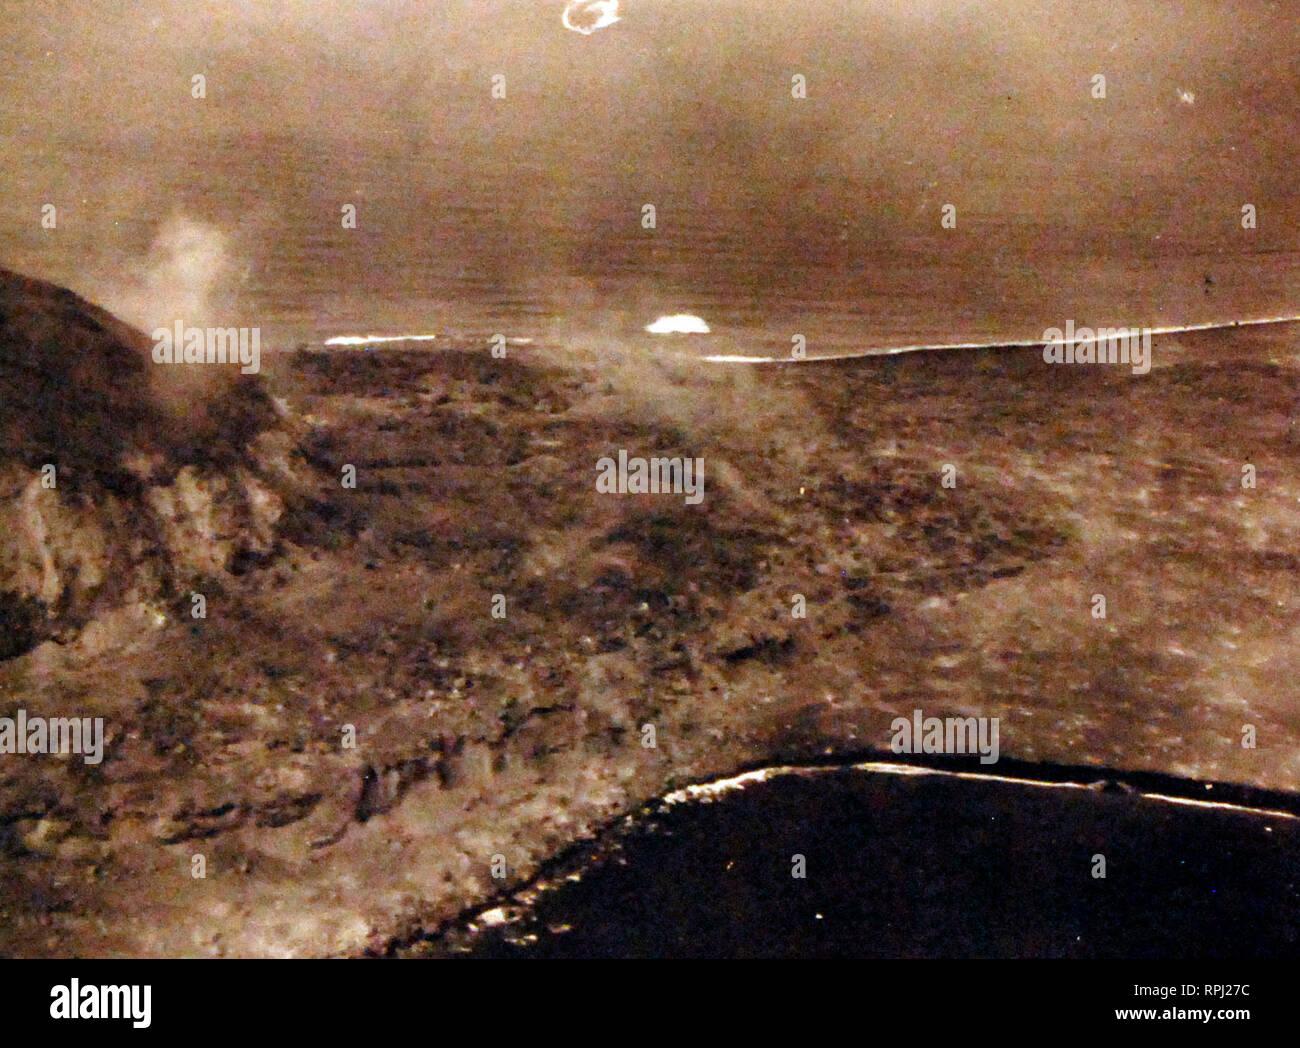 La batalla de Iwo Jima, en febrero y marzo de 1945. Mt. Suribachi en Iwo Jima. Daños causados por fuego naval y los bombardeos aéreos puede ser visto a lo largo de bluff y en la playa. Fotografiado por avión desde el USS Makin Island (CVE) 93 el día D, 19 de febrero de 1945. Foto de stock